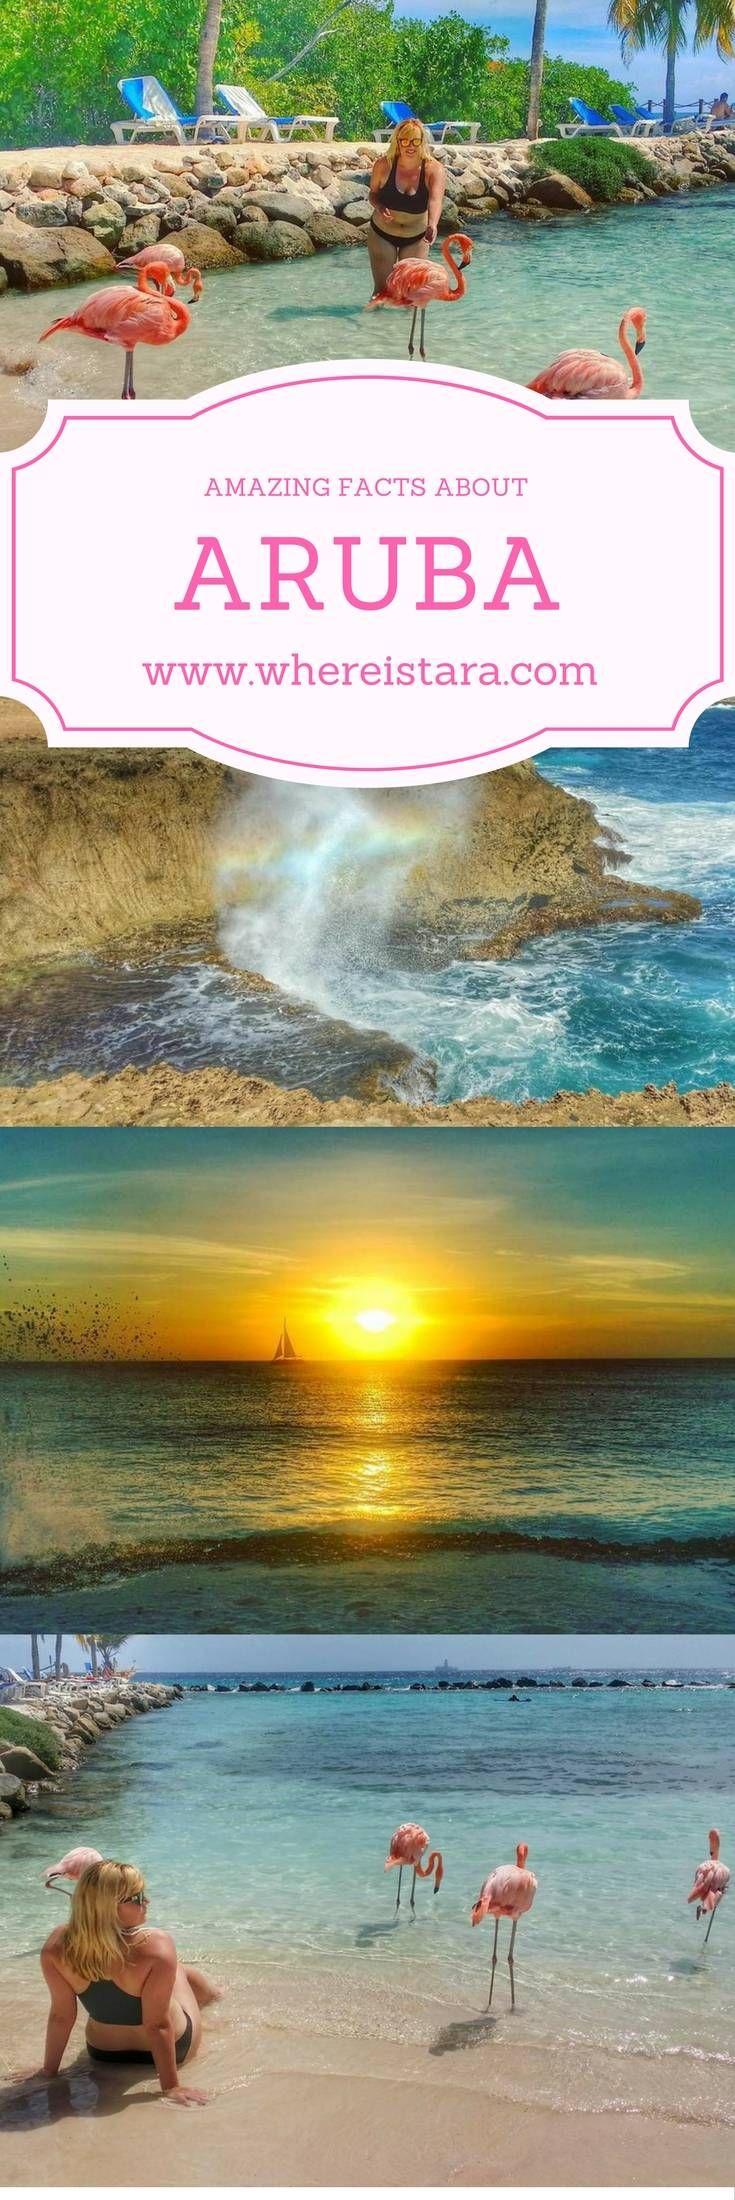 50 AMAZING FACTS ABOUT ARUBA - Caribbena Island Paradise.